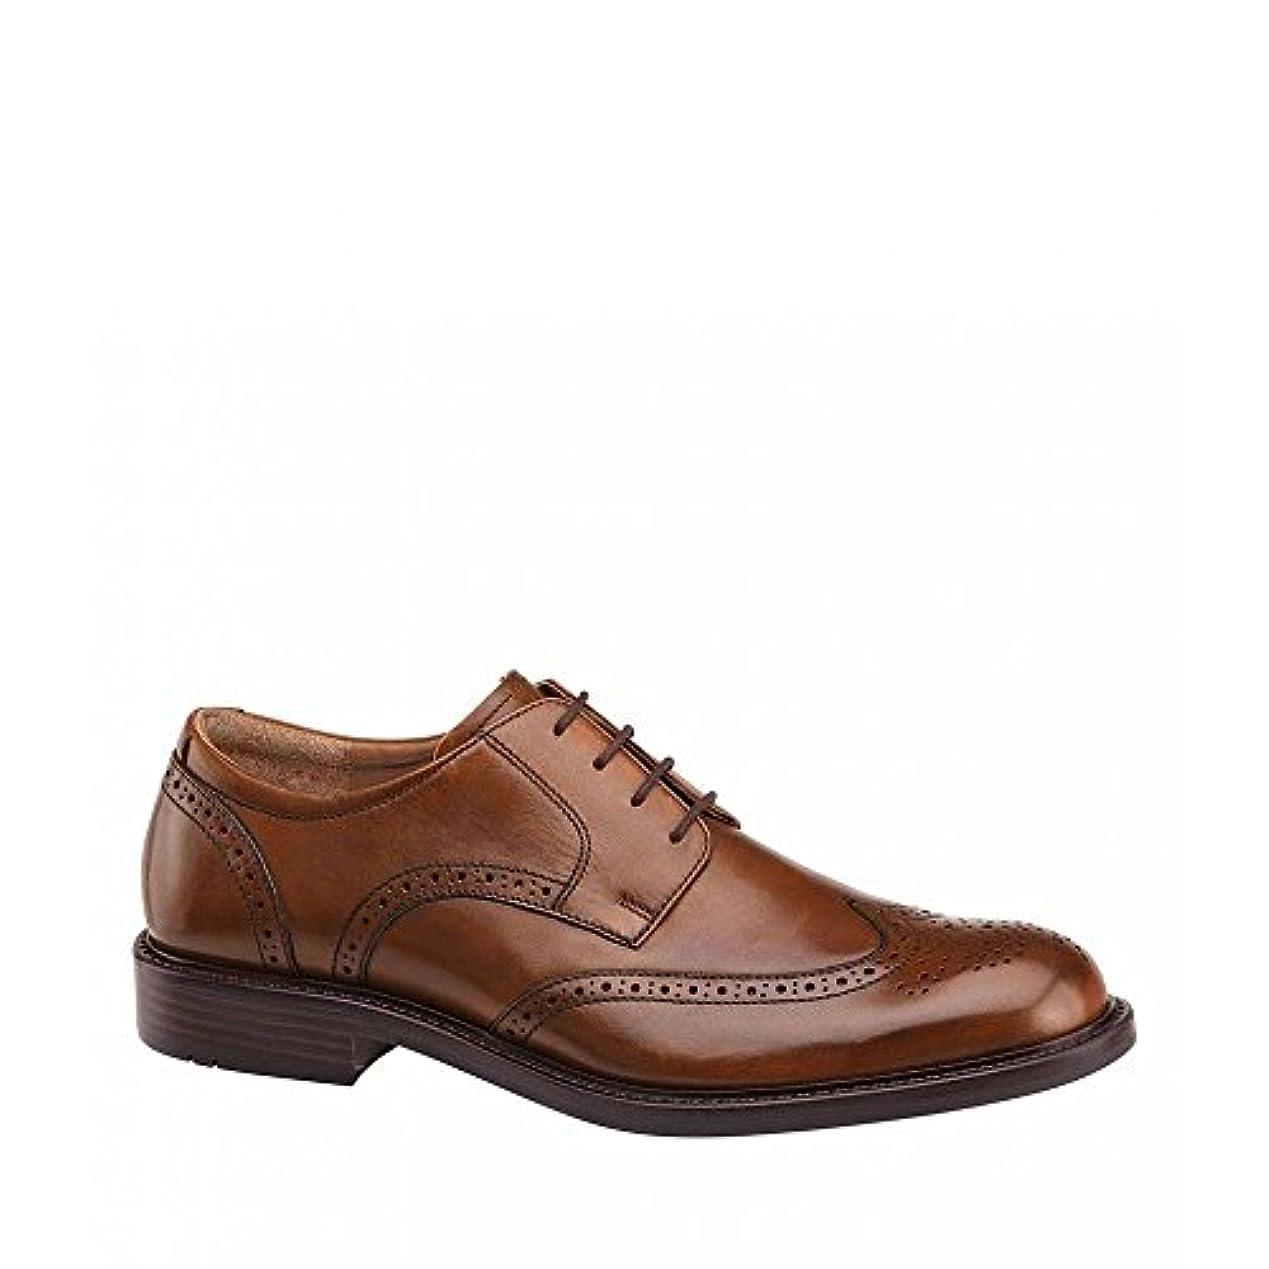 追放する使用法サリー(ジョンストン&マーフィー) Johnston & Murphy メンズ シューズ?靴 革靴?ビジネスシューズ Tabor Wingtip Oxfords [並行輸入品]